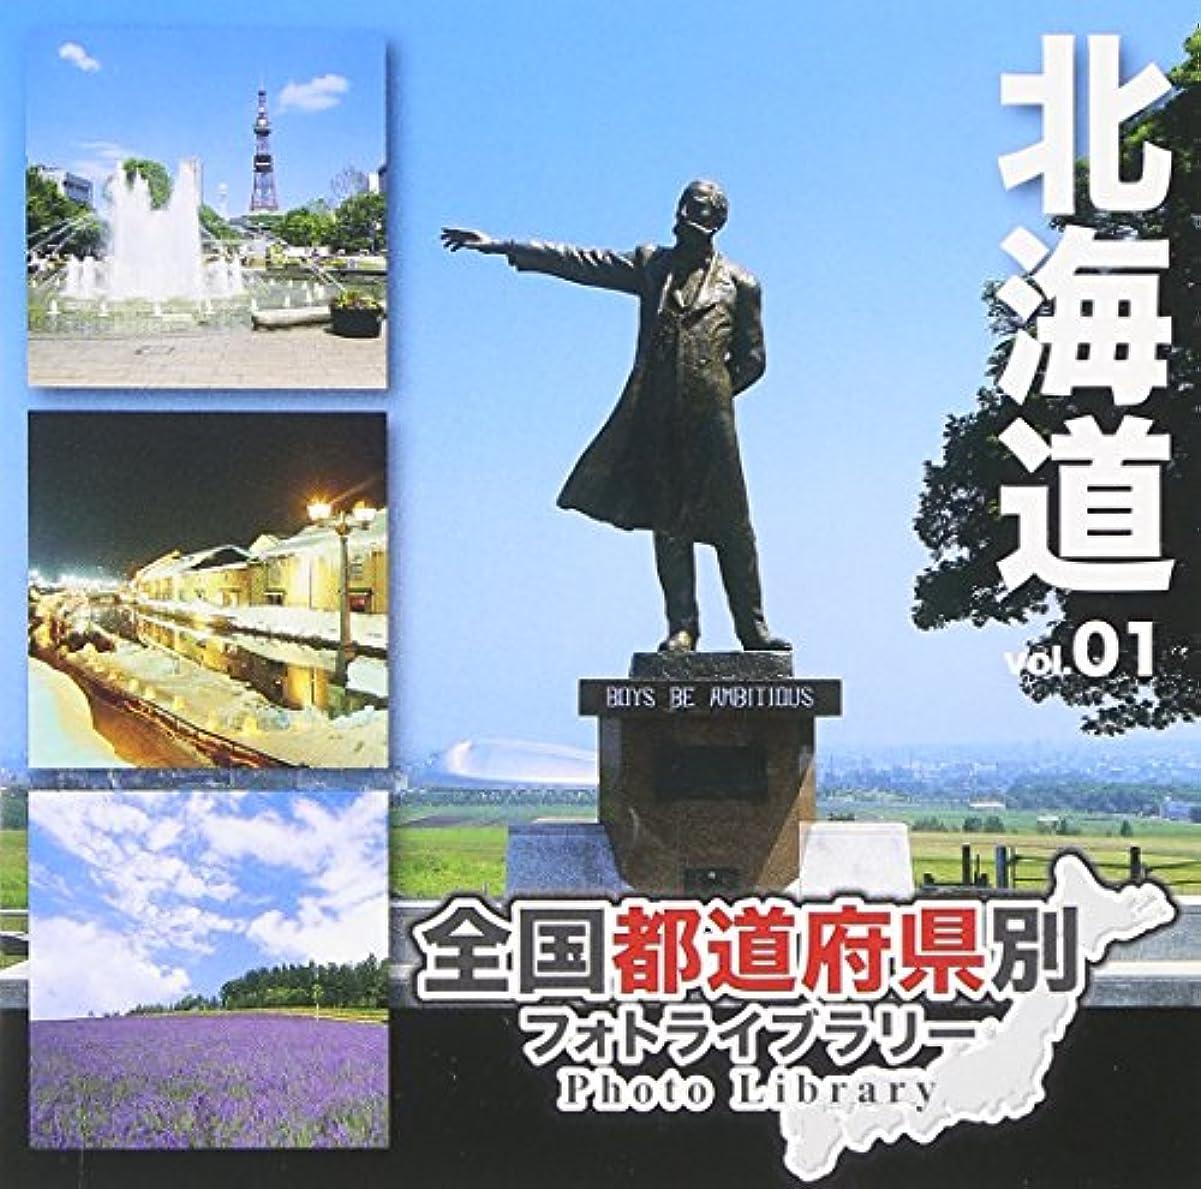 ドナーチップ小屋全国都道府県別フォトライブラリー Vol.01 北海道